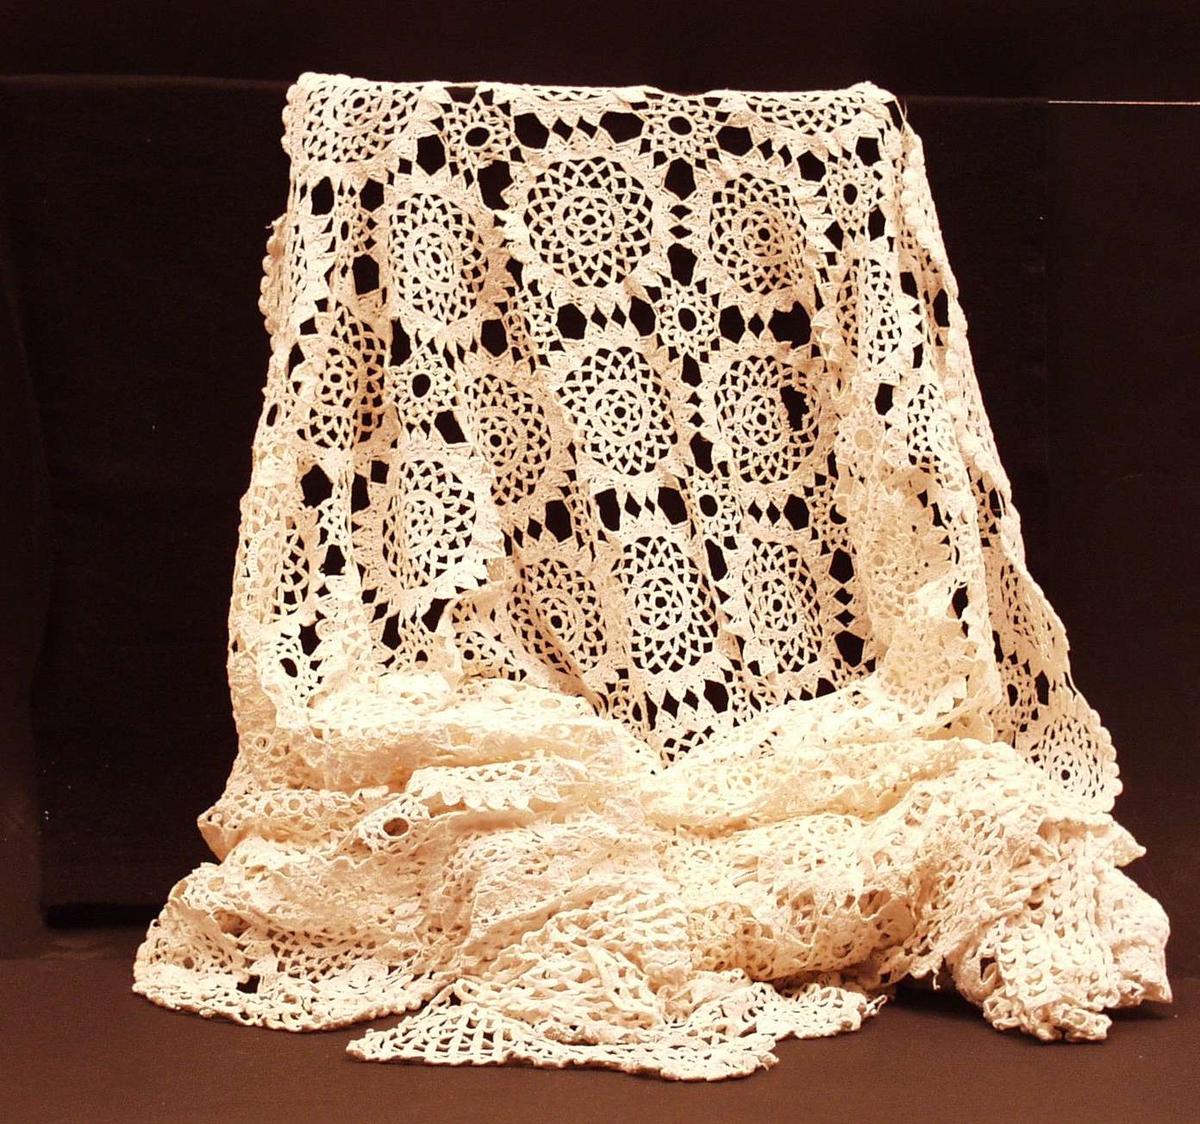 Heklet, hvitt sengeteppe til dobbeltseng. DMC-garn (bomull merc.). Sammensatt av sirkler og kantet med spisser/trekanter på tre kanter.